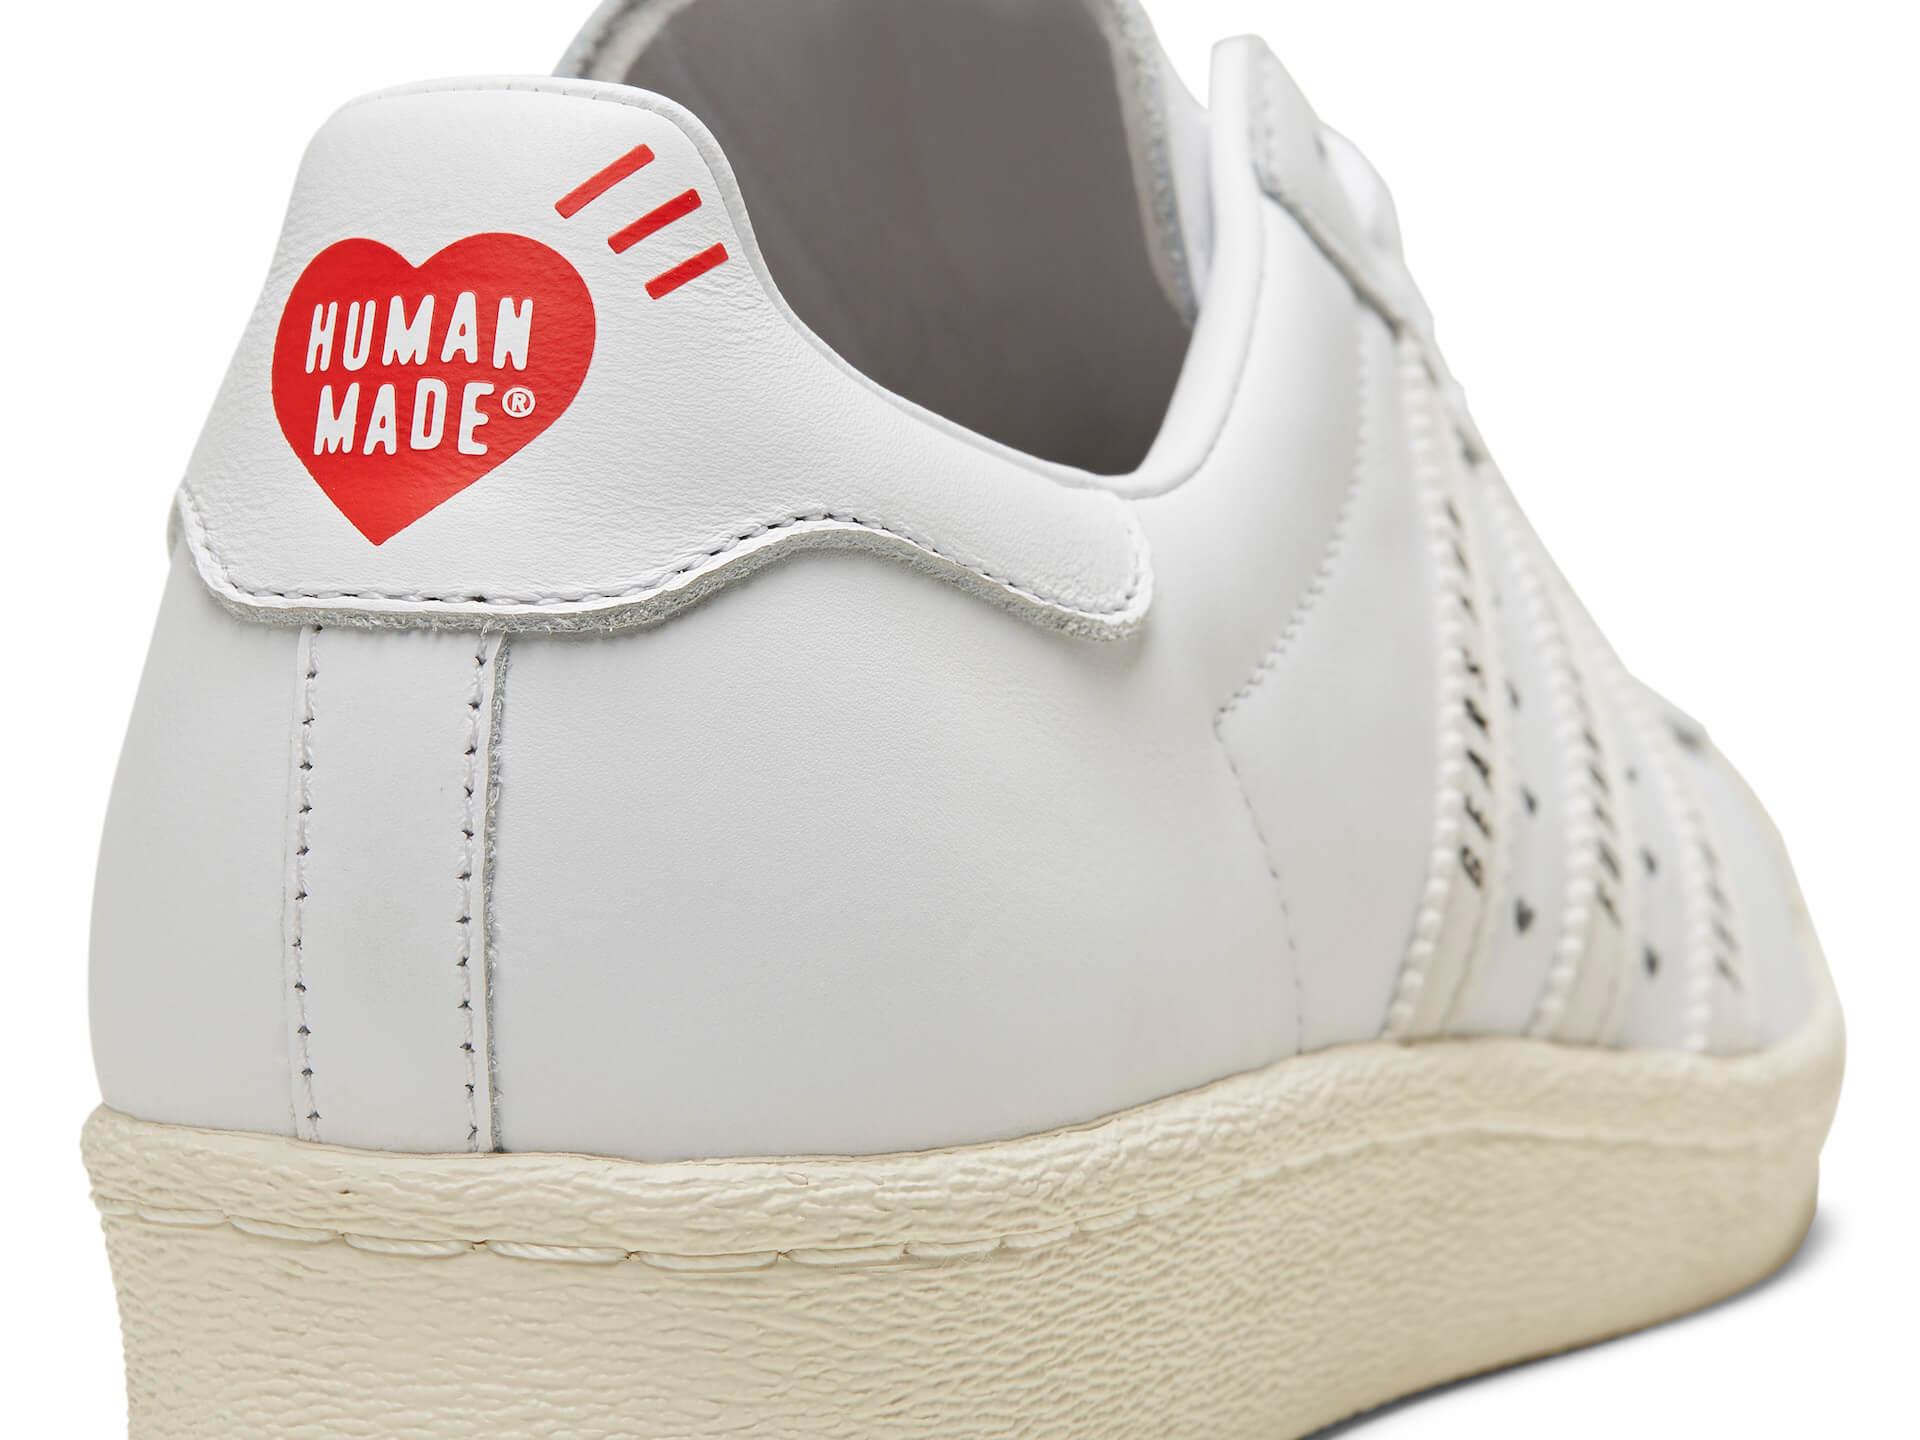 adidas OriginalsとNIGOがコラボ!ハートロゴがあしらわれた『SUPERSTAR』が発売 lf200417_adidashumanmade_17